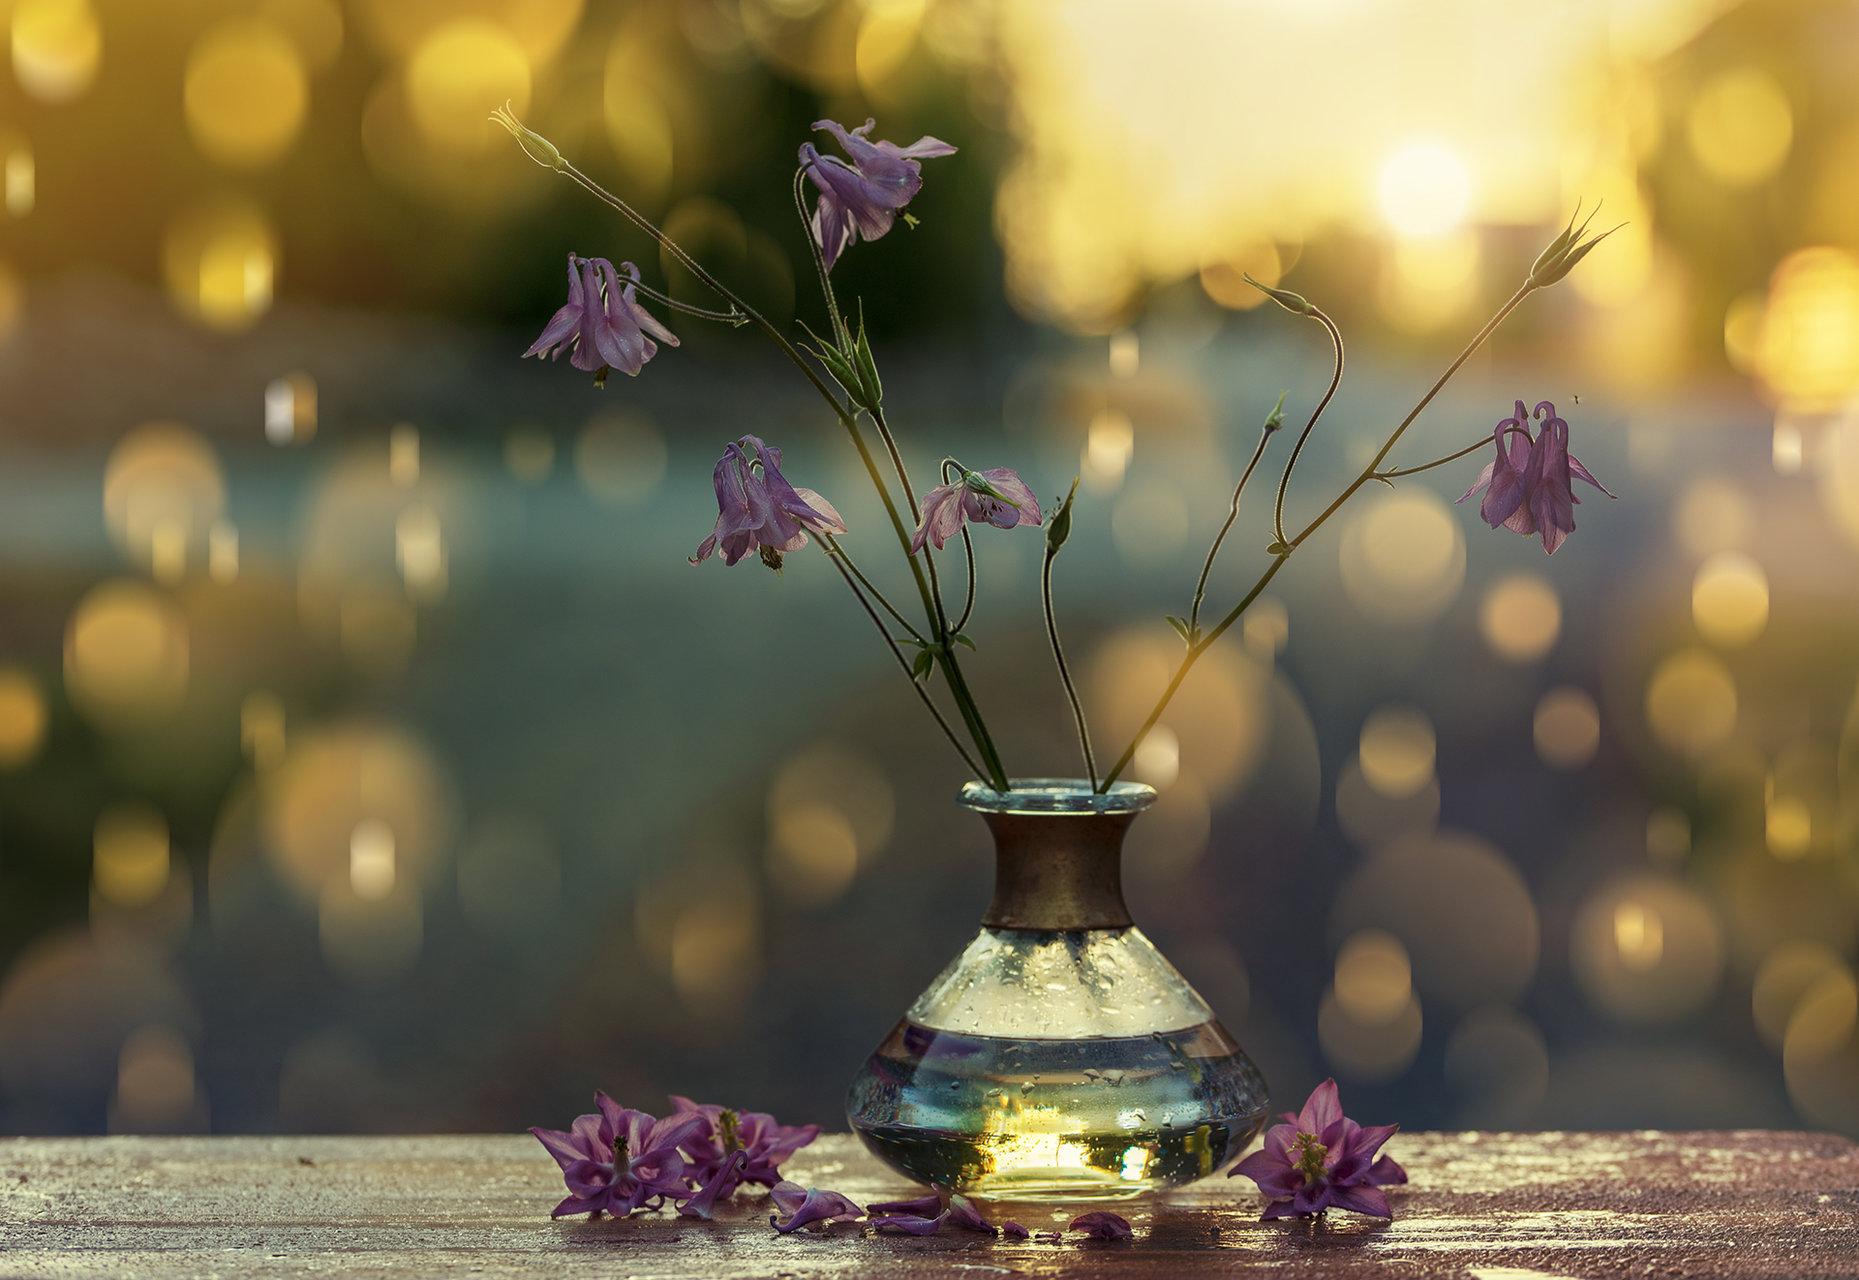 Flowers and Sunset   Author vega_nik   PHOTO FORUM